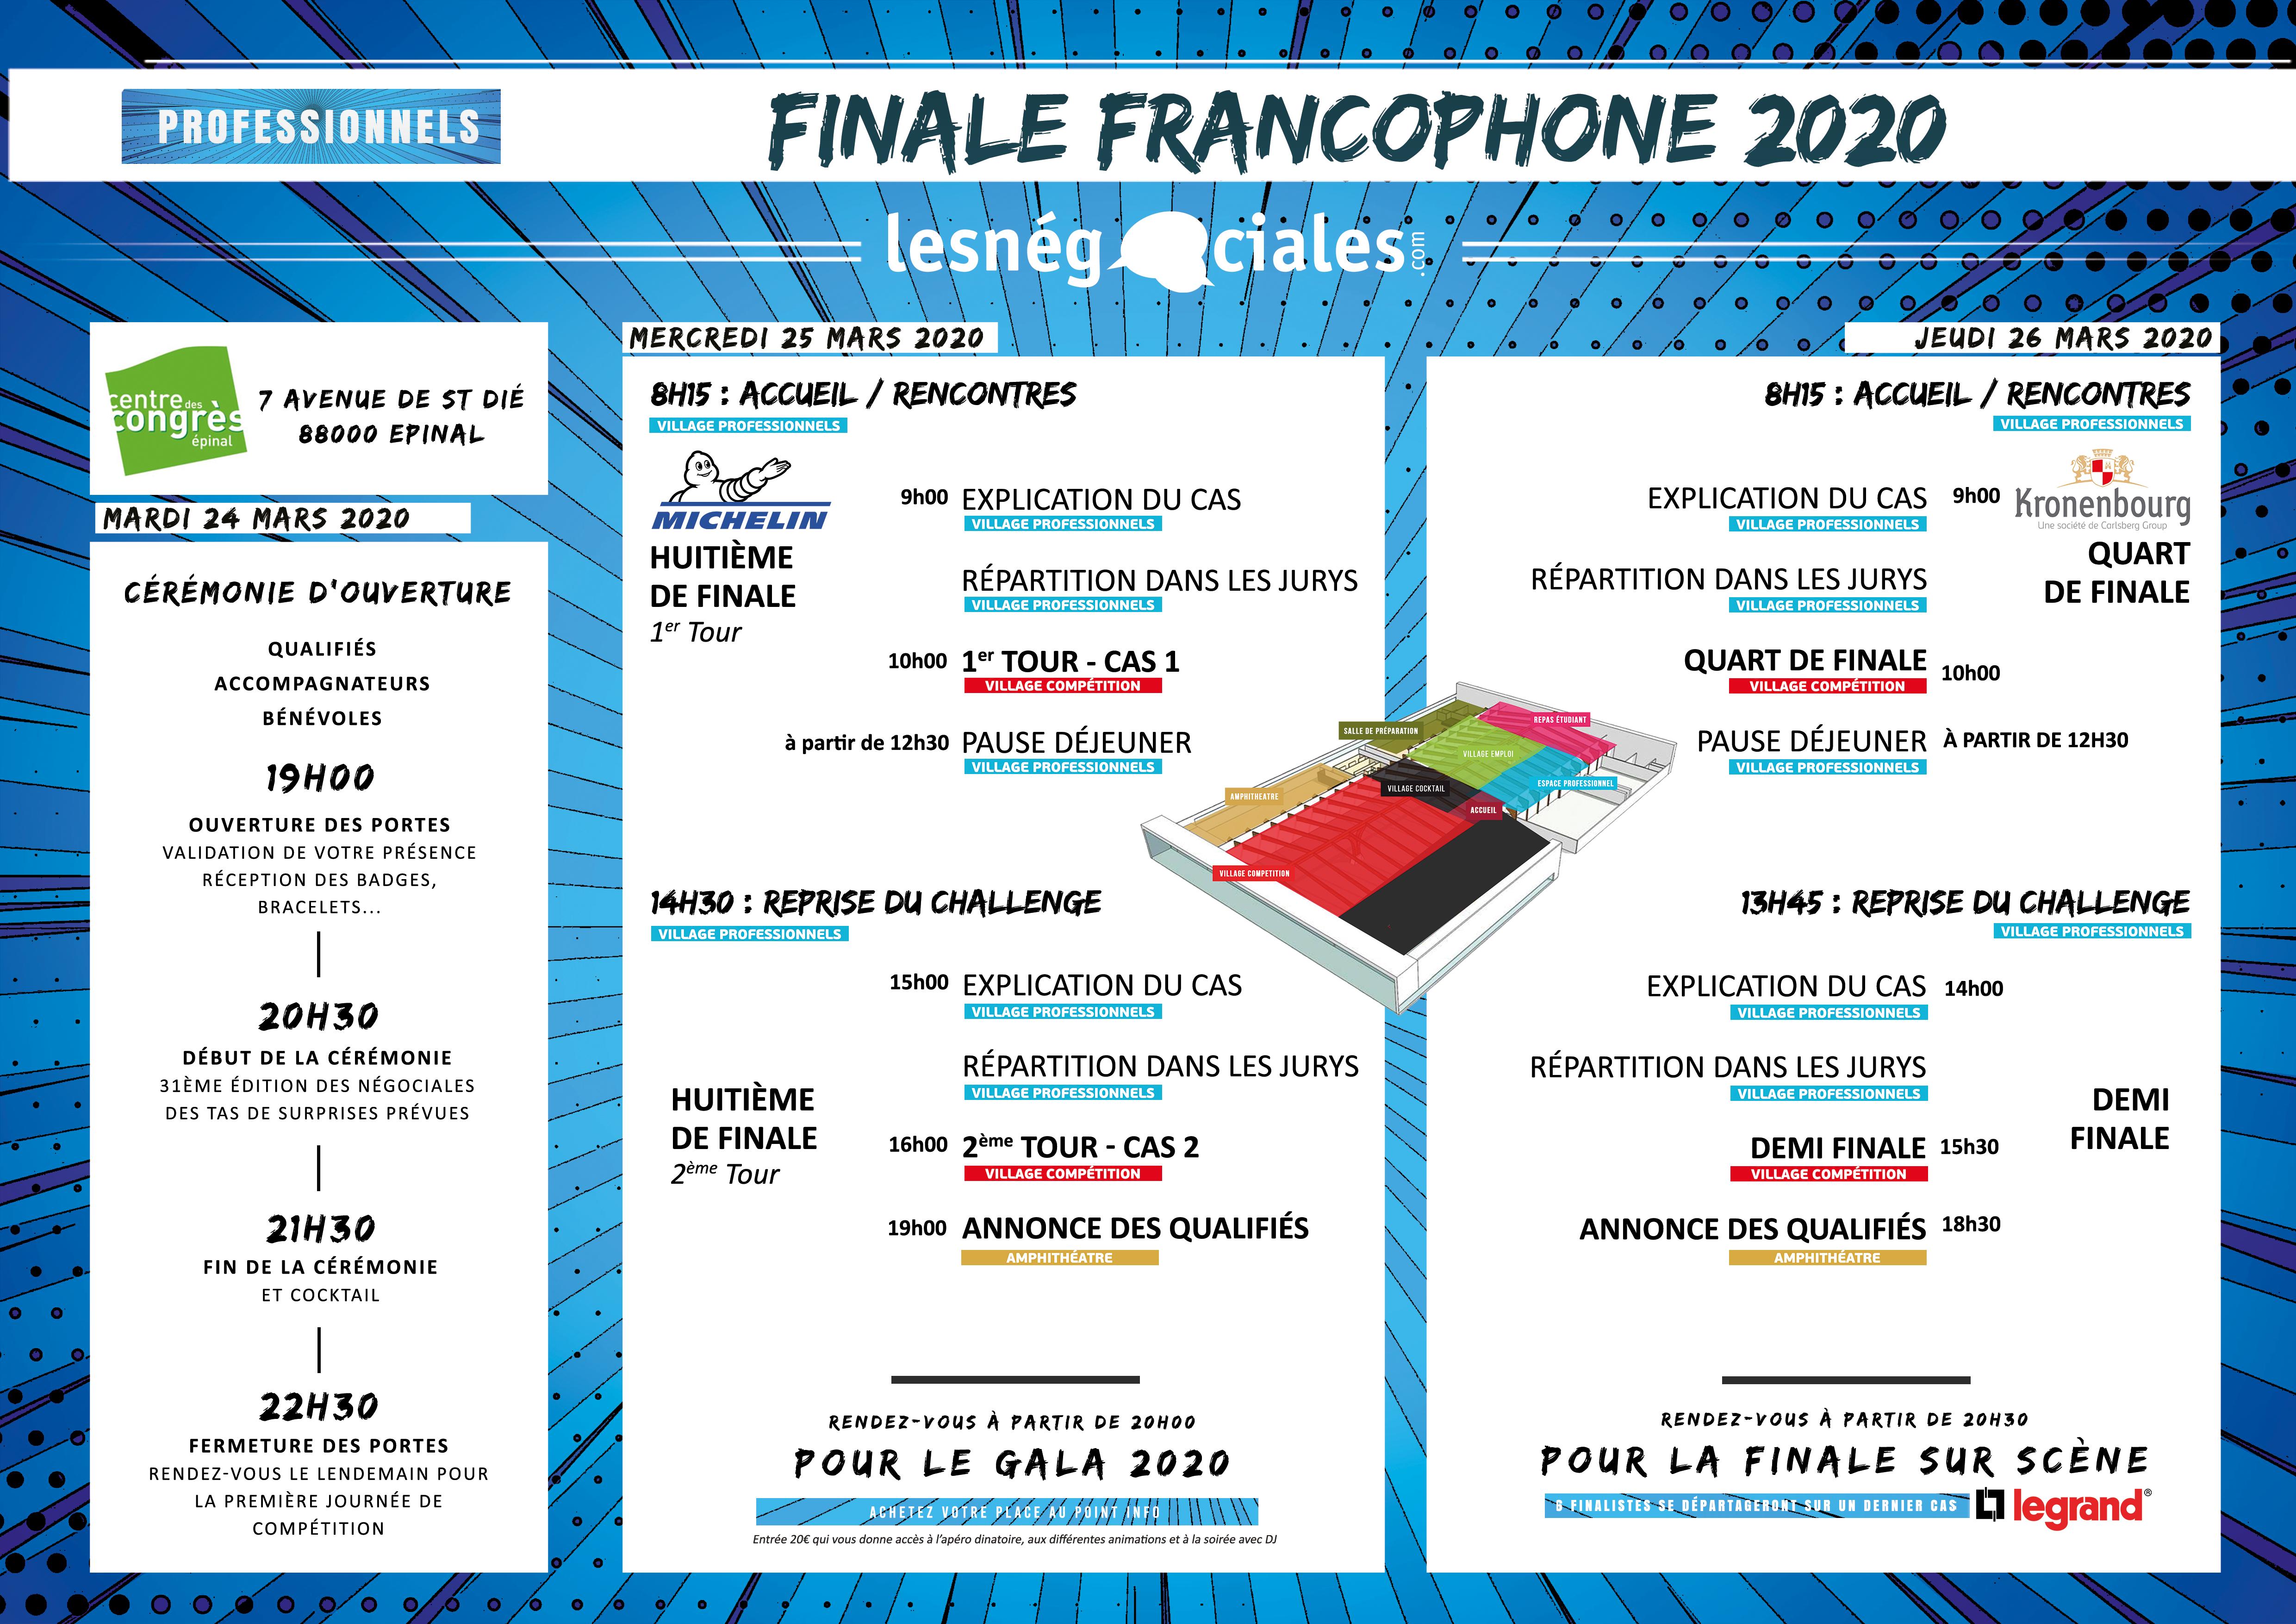 FINALE 2020 - Planning Professionnels